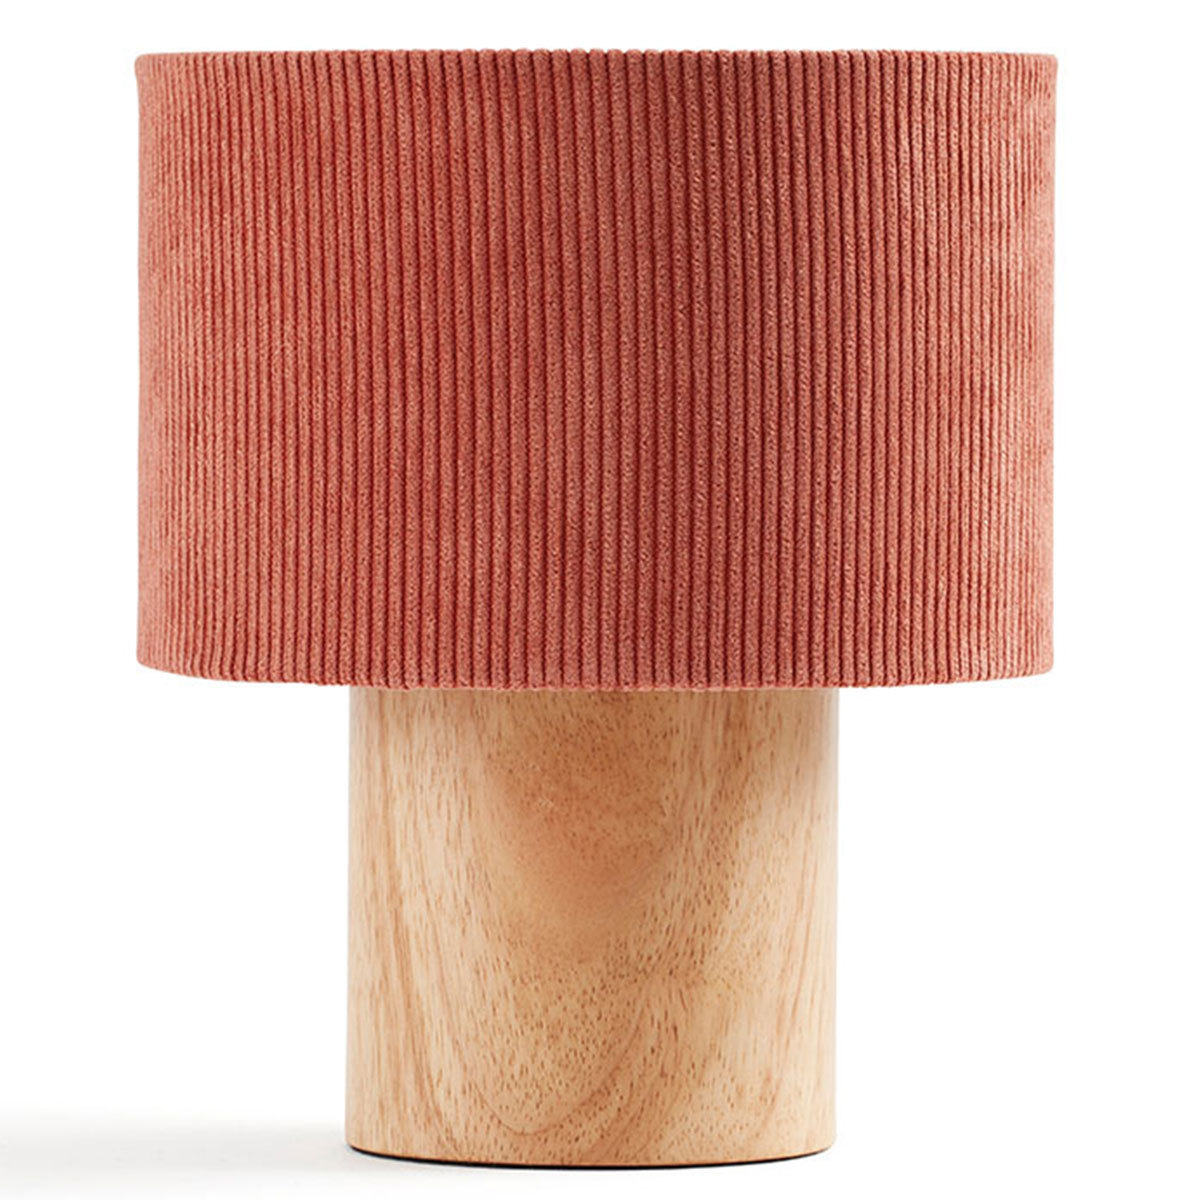 Lampe à poser Lampe à Poser Velours - Rouille Lampe à Poser Velours - Rouille